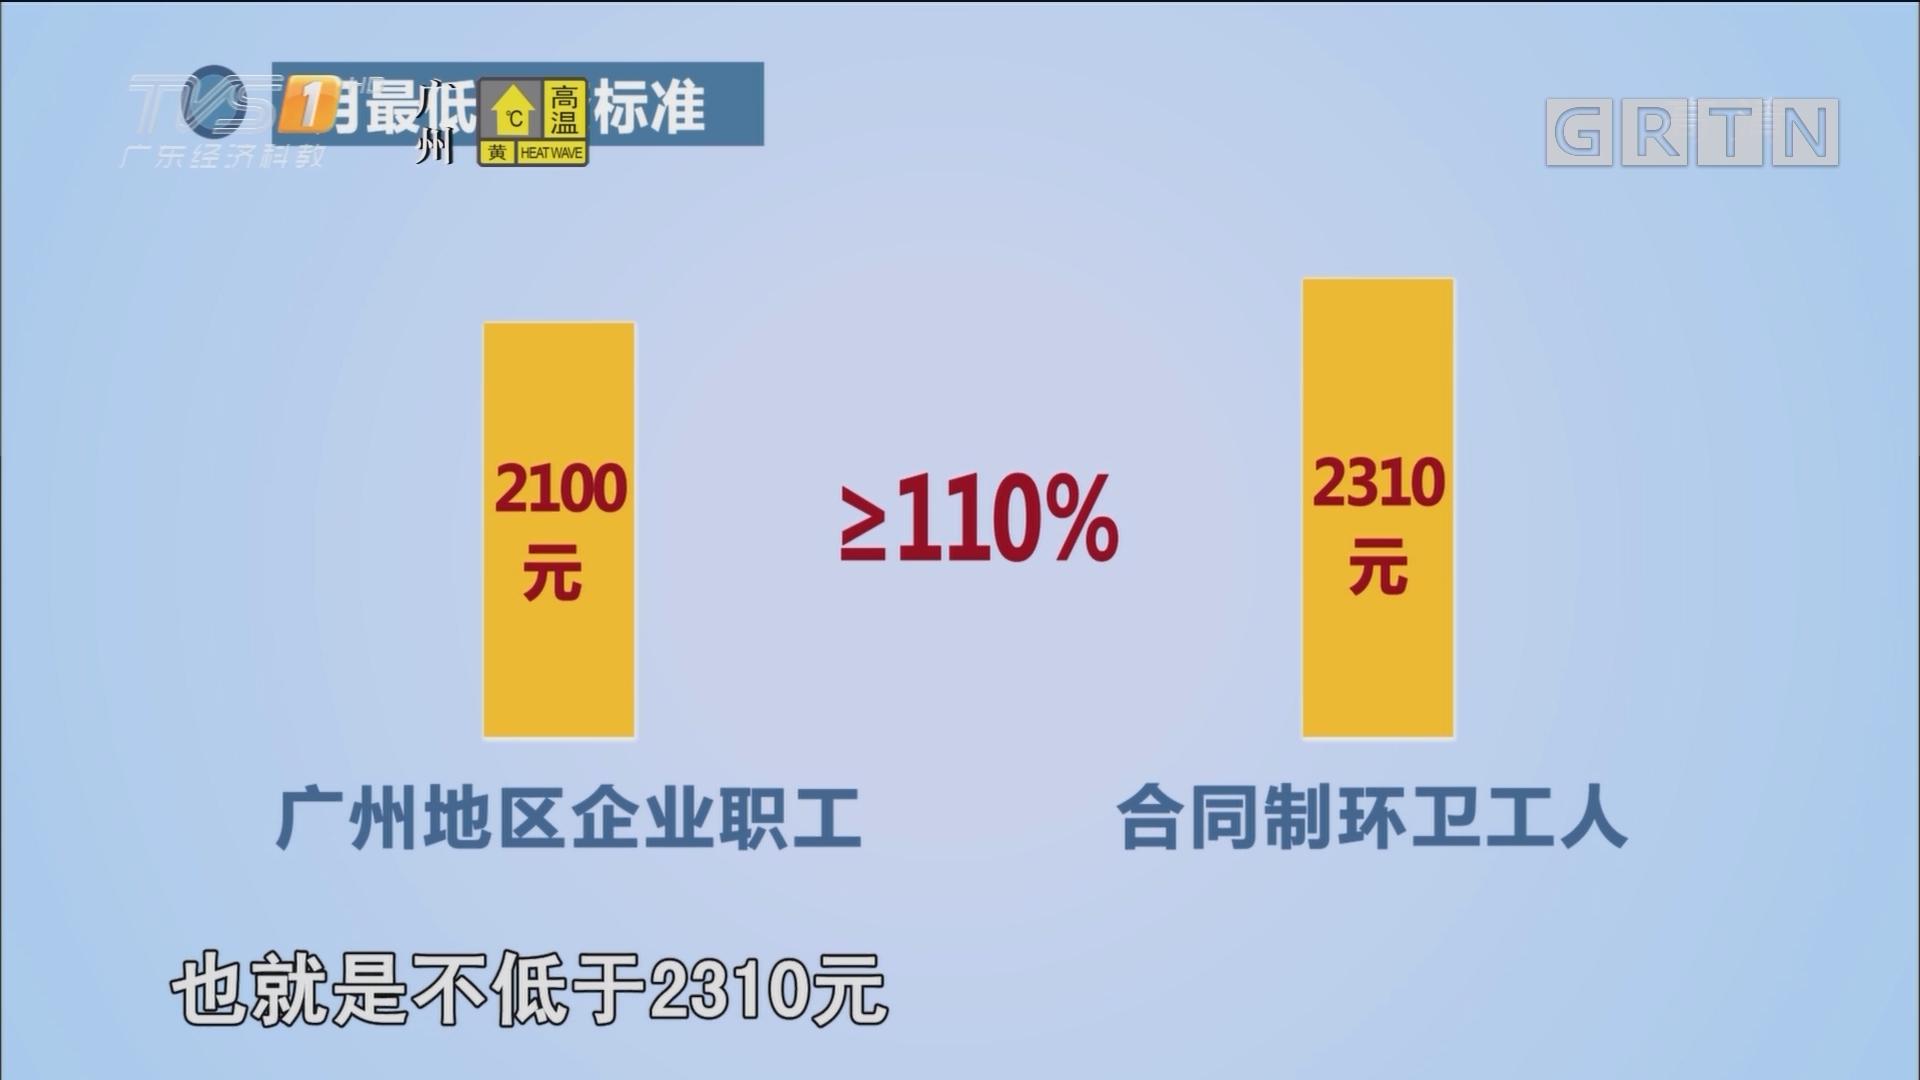 广州市城管委:合同制环卫工人月基础工资不得低于2310元